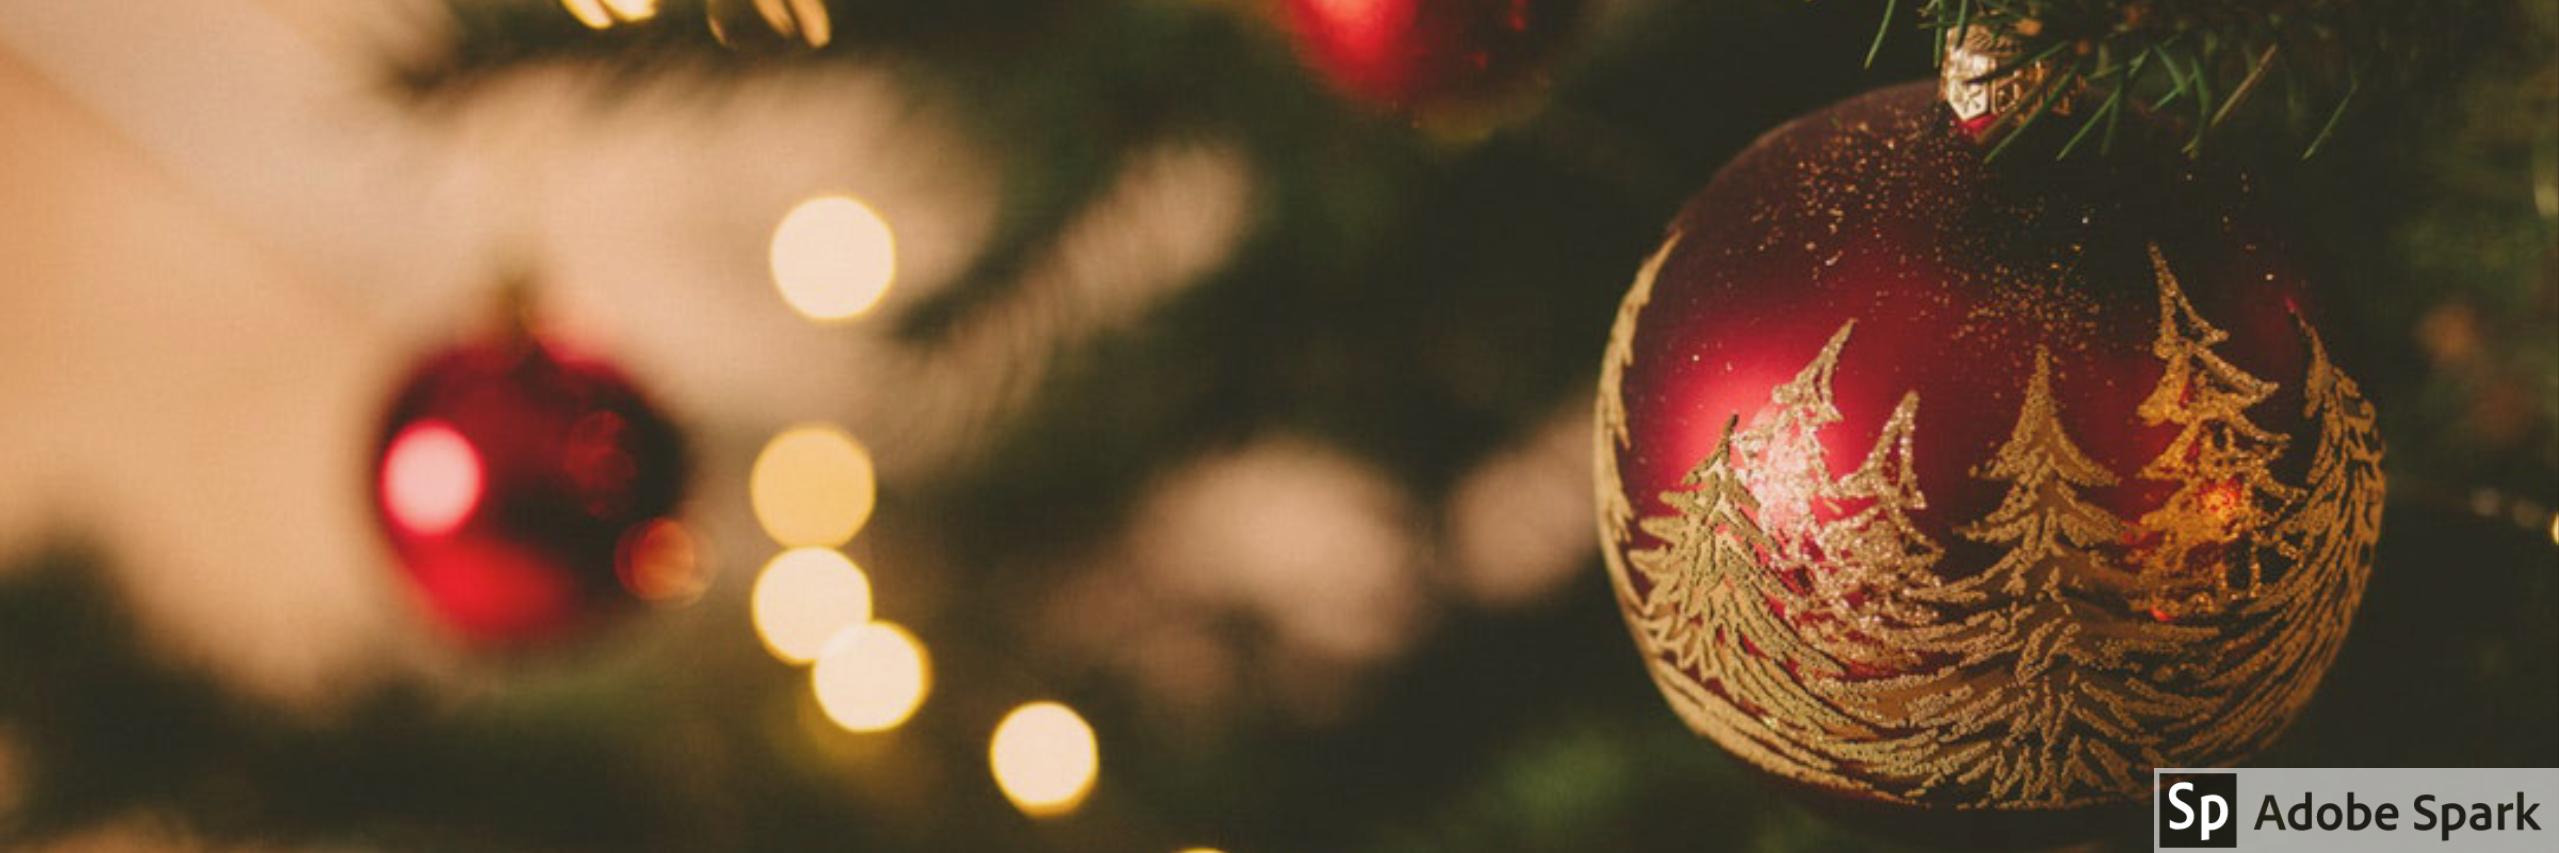 Weihnachtsfeier 2014